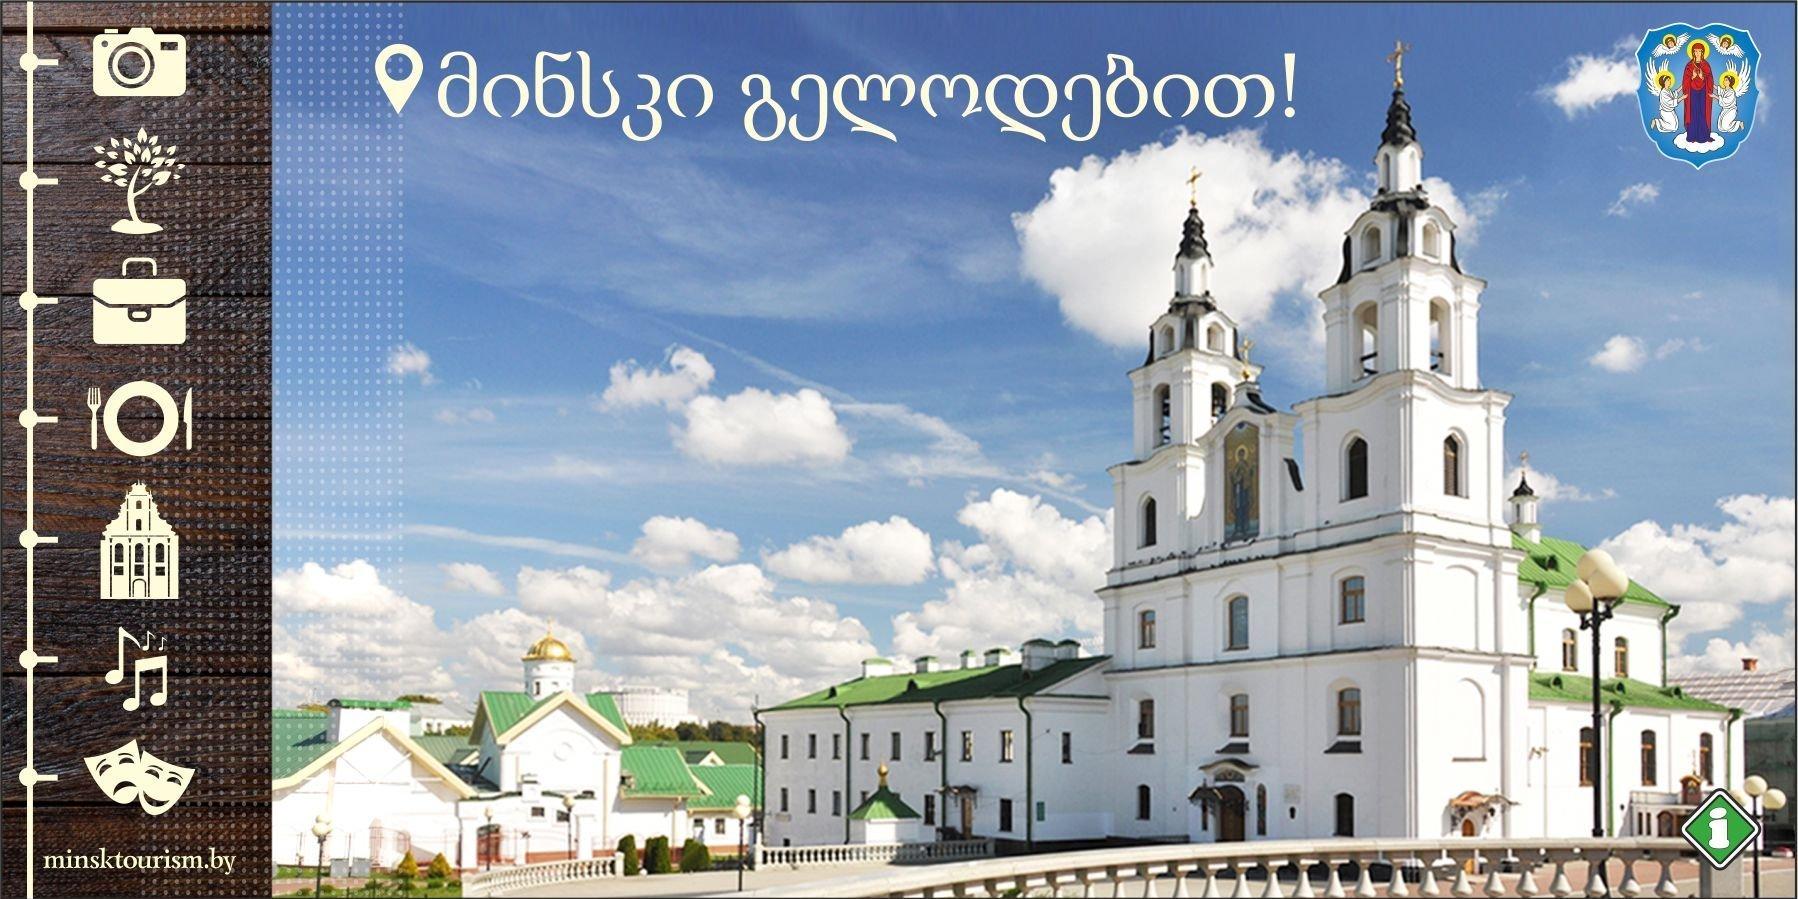 Проект рекламного билборда с изображением достопримечательностей Минска